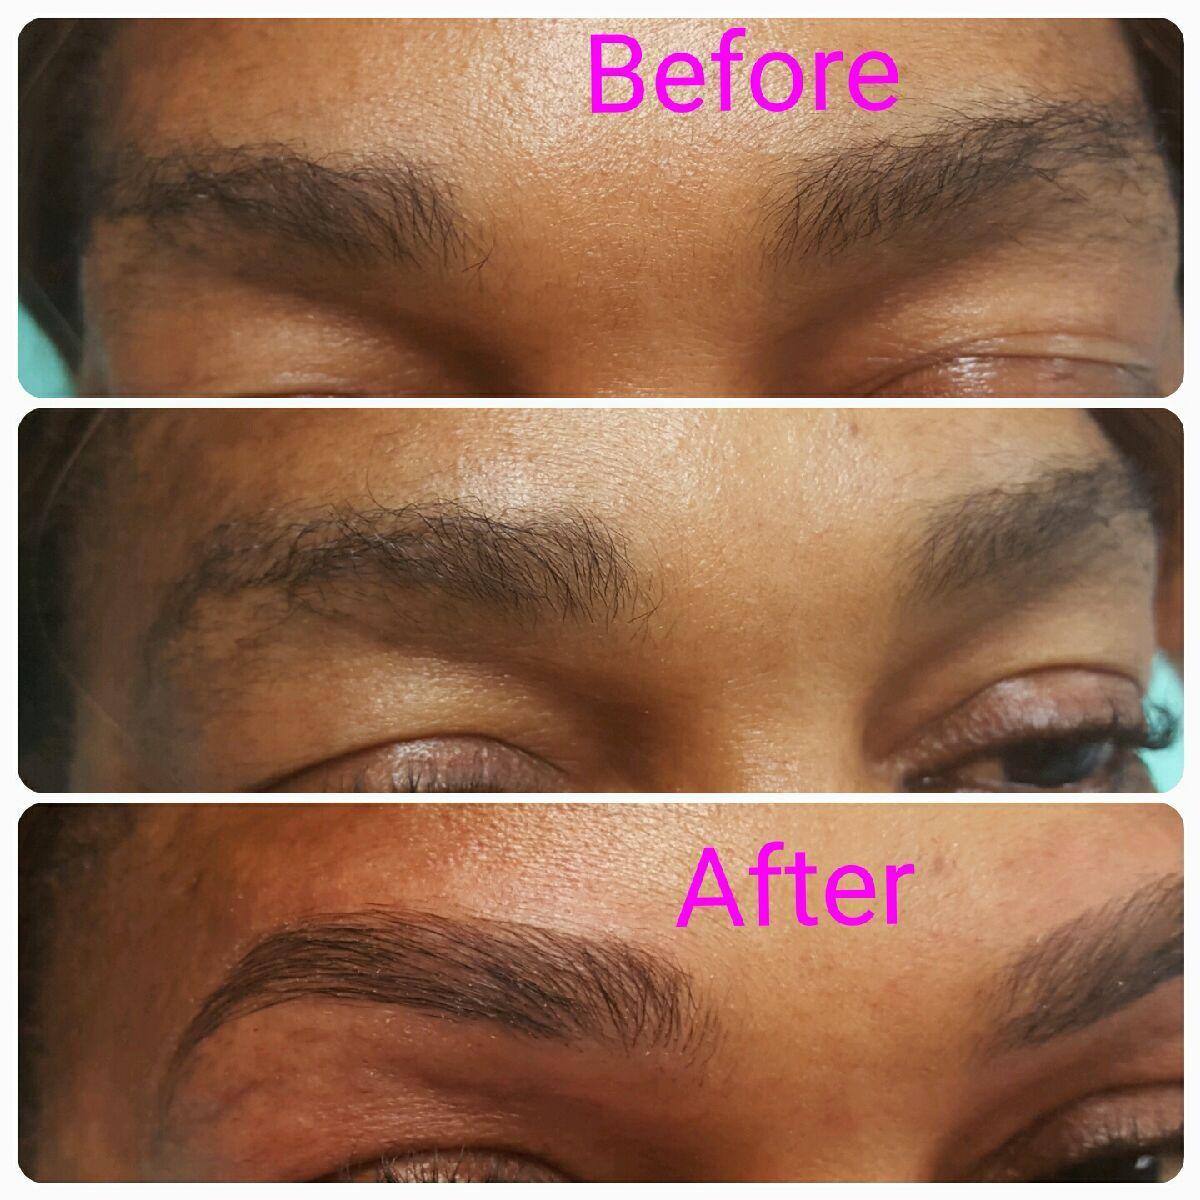 Eyebrow Microblading for fullness and shape correction